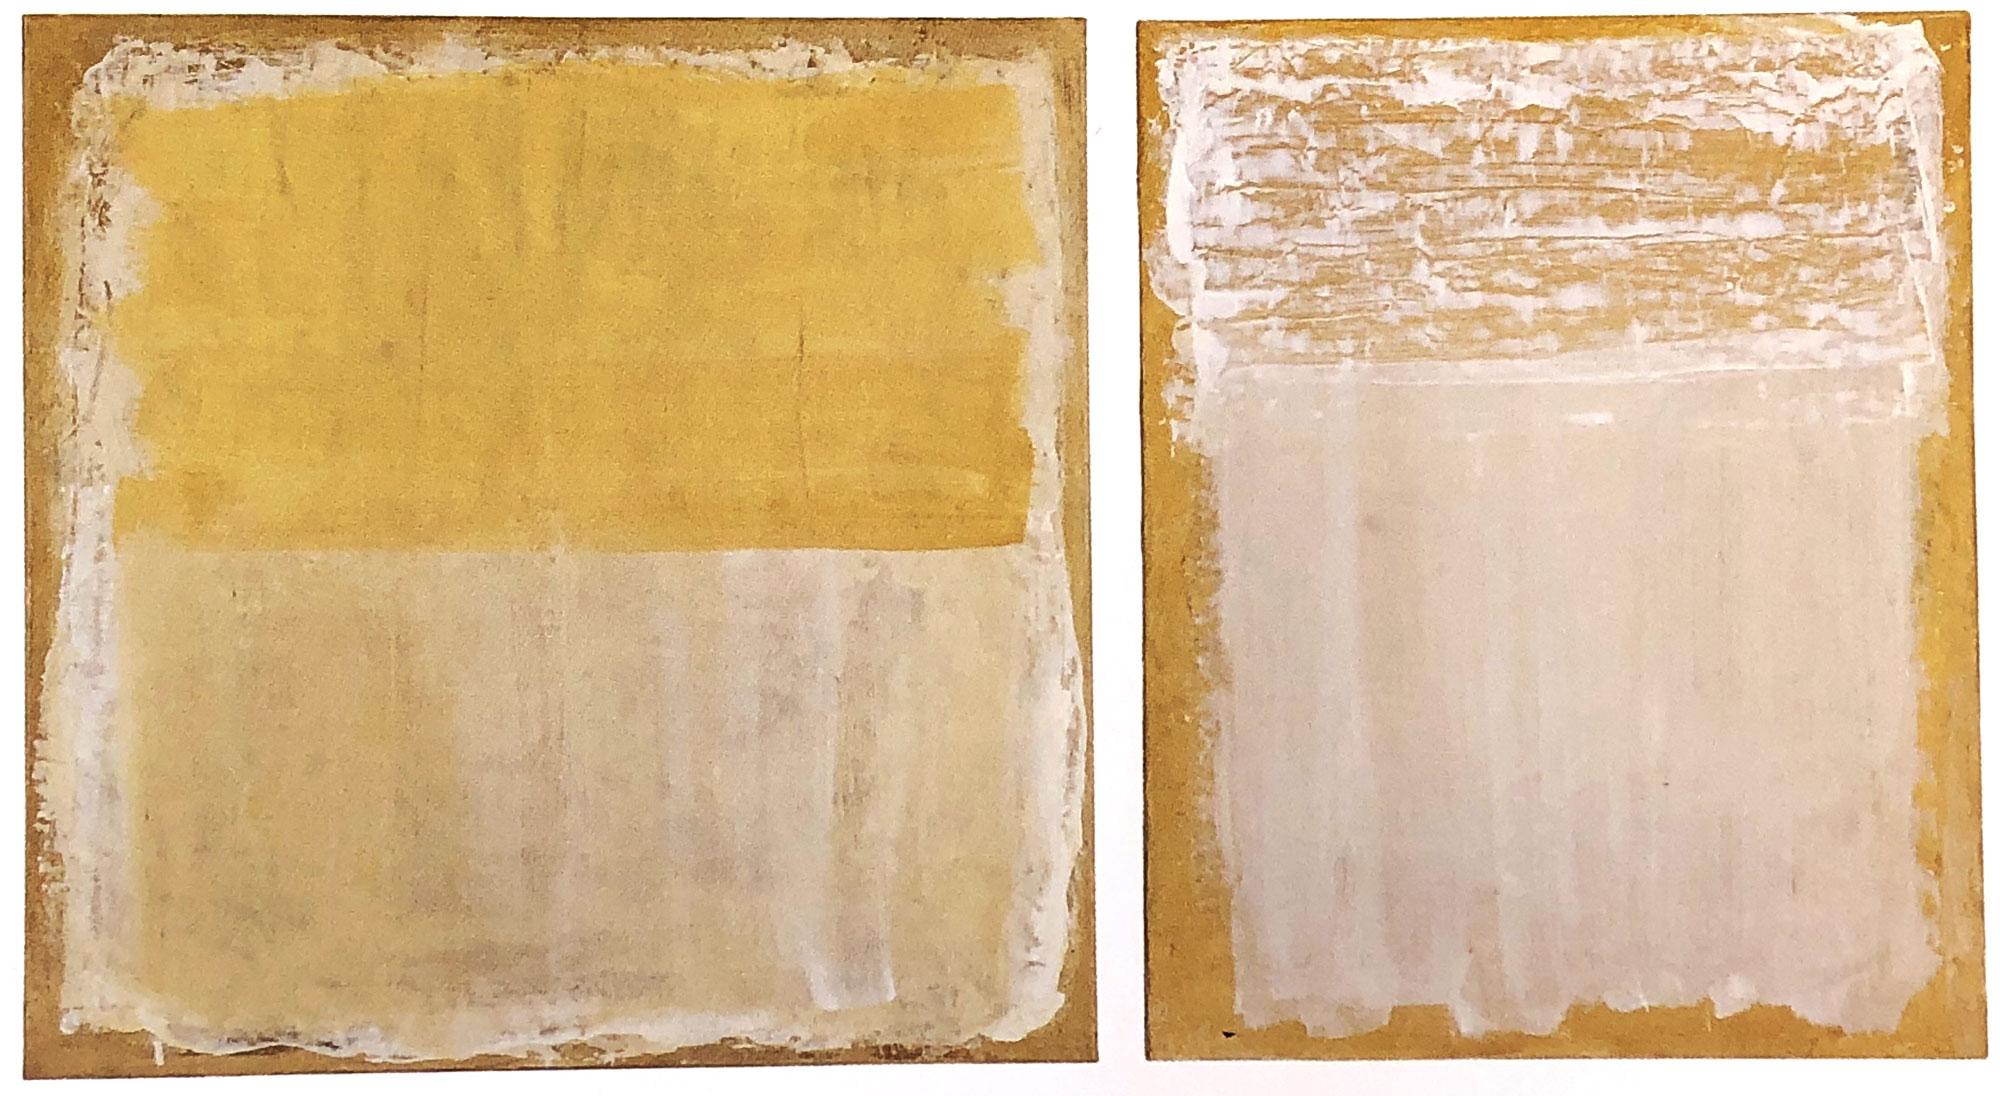 Monochrom-Diptychon-Öl-auf-Leinwand-60×60-und-50×60-1995